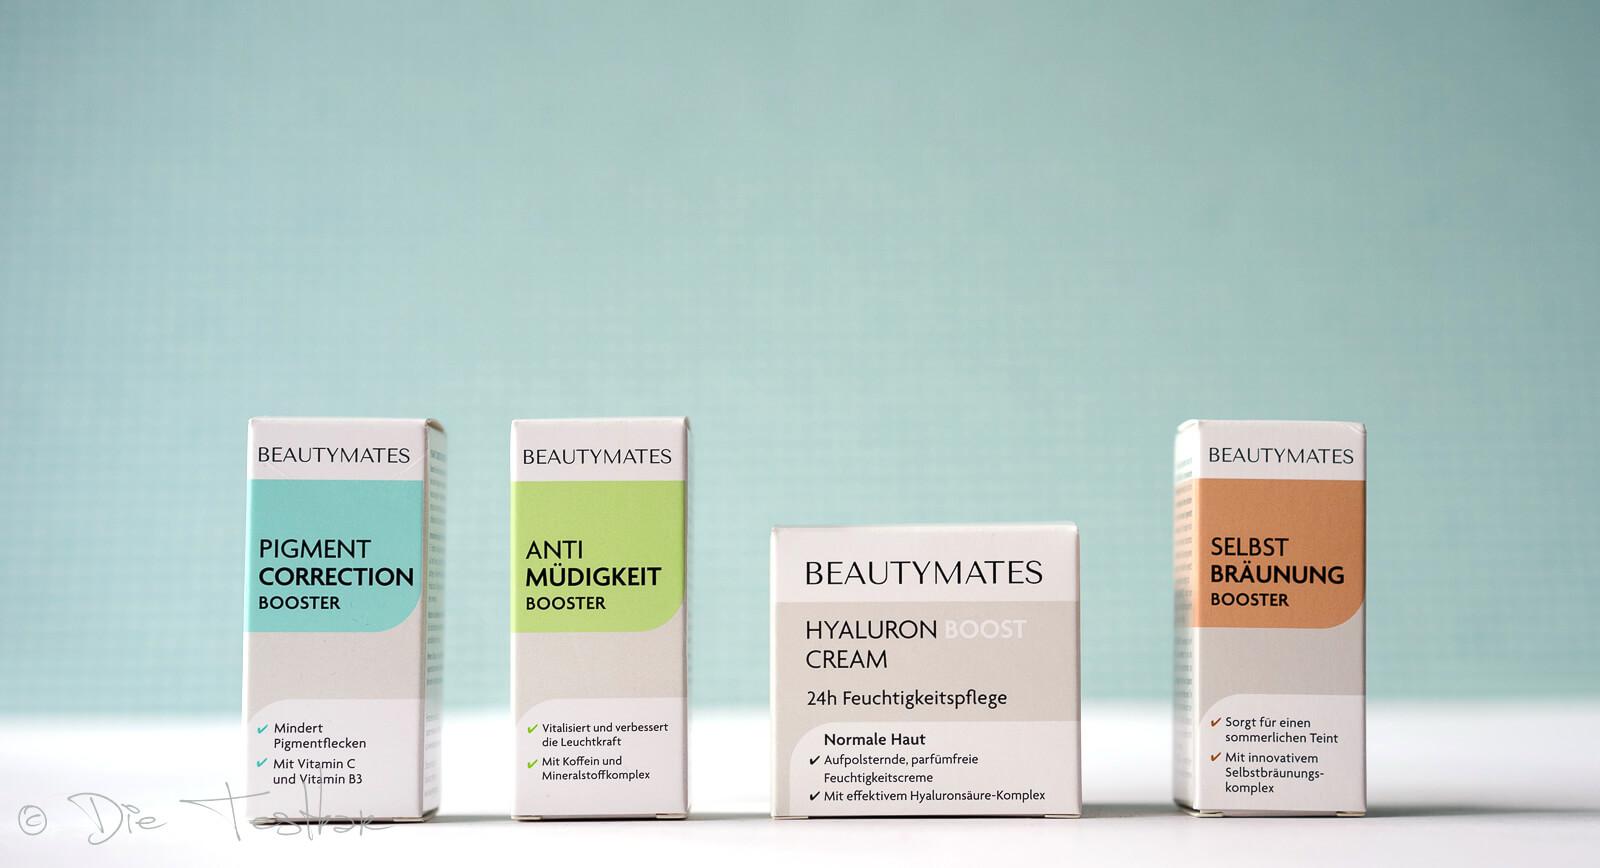 BEAUTYMATES - Beauty Glow Essentials für einen goldenen Teint und natürlicher Glow